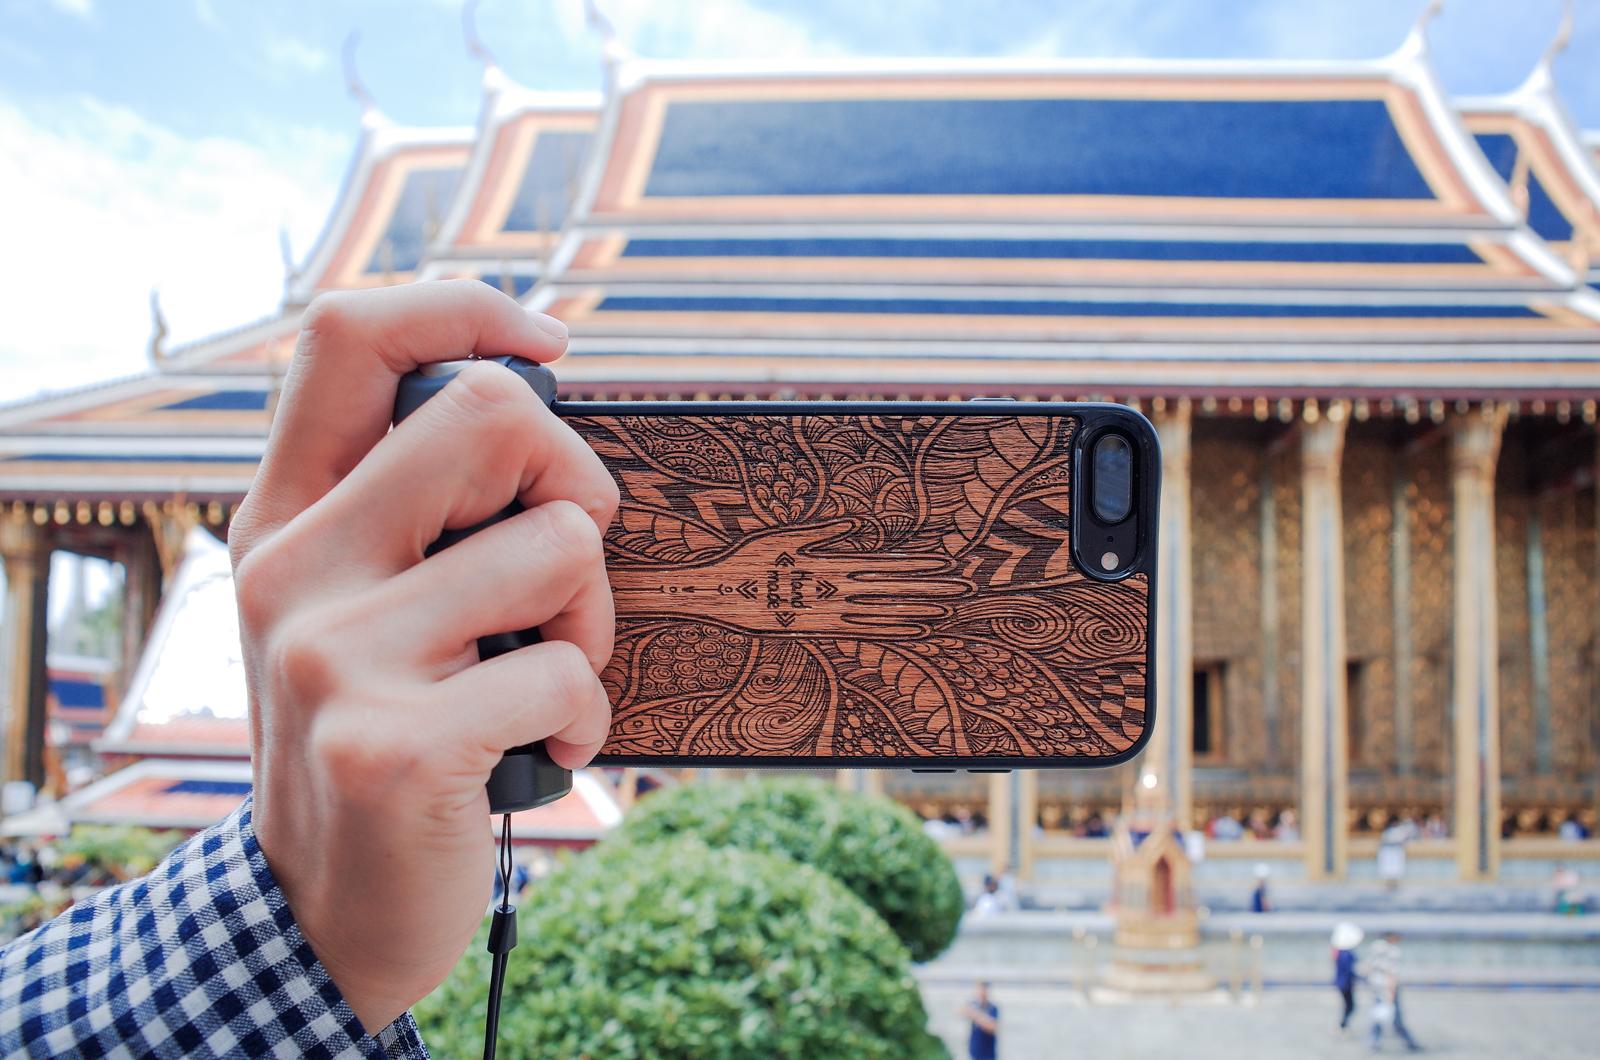 曼谷之旅、說走就走 | ShutterGrip™ [掌握街拍] (feat. iPhone7 Plus)